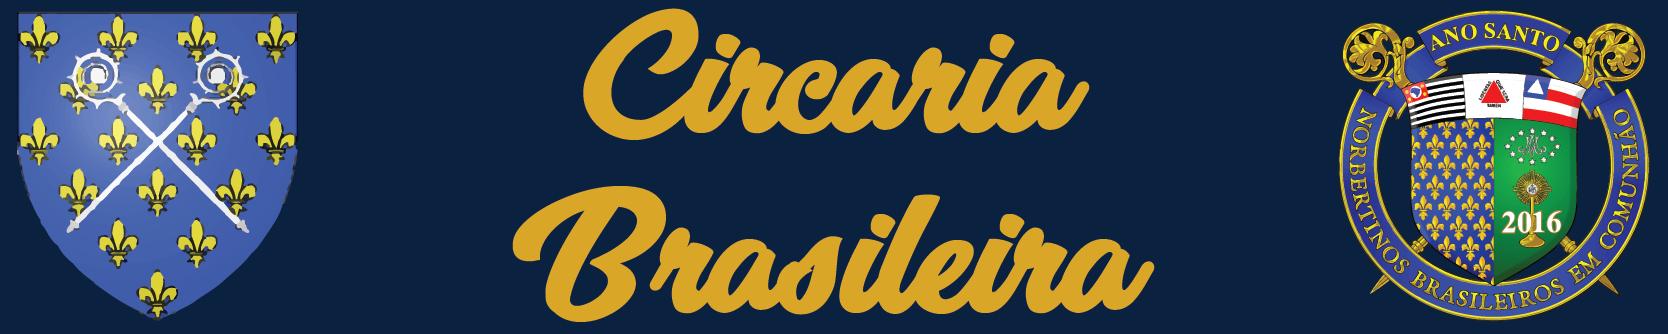 Circaria Brasileira